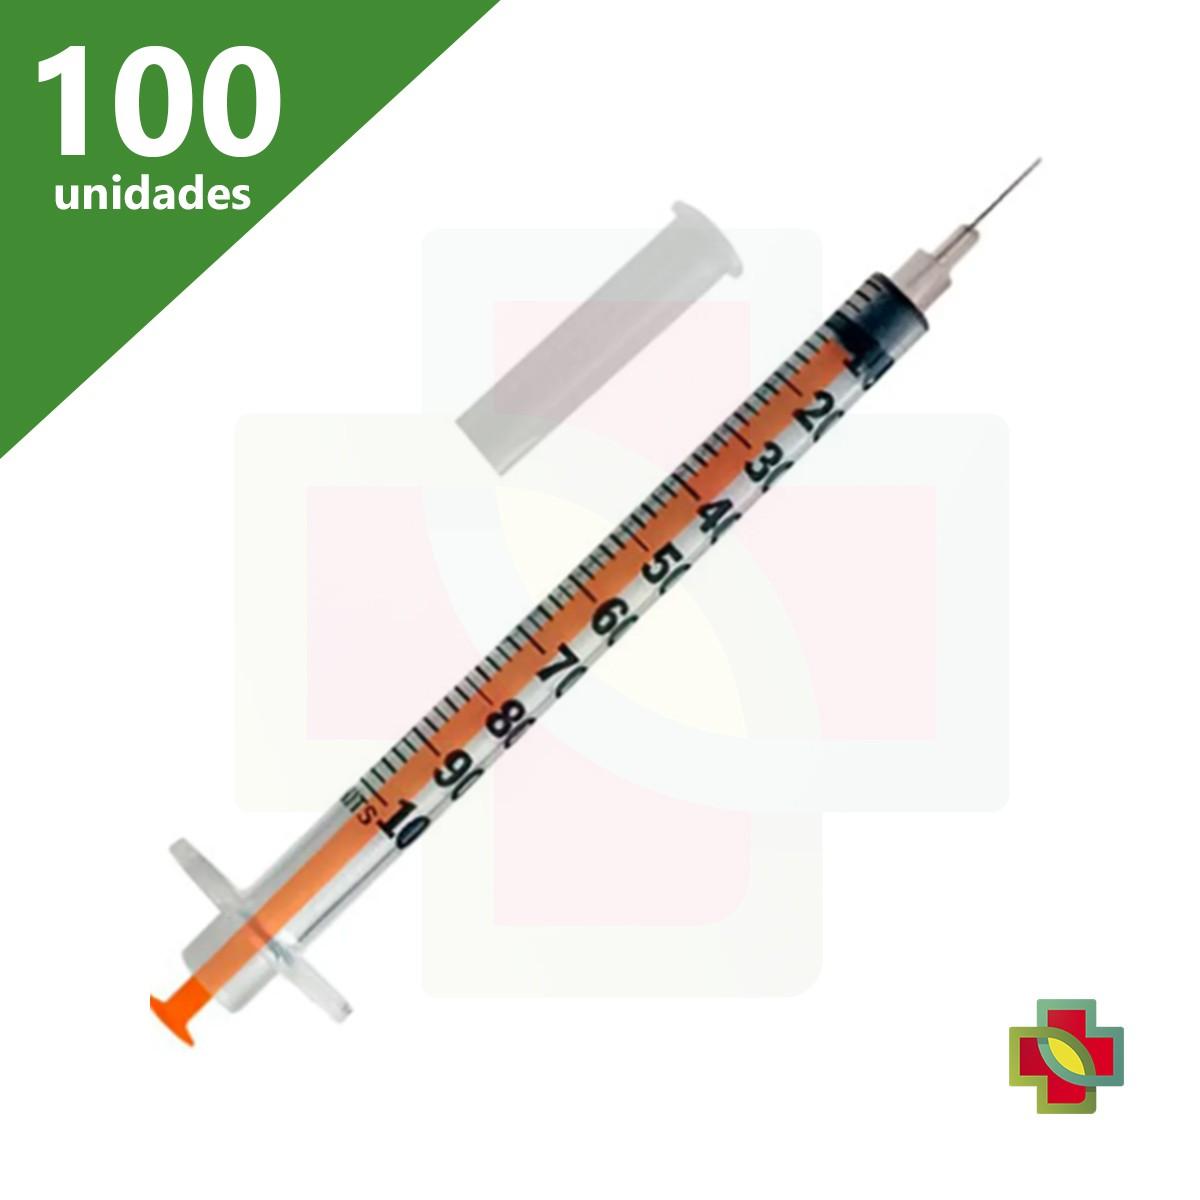 SERINGA INSULINA 100-U 01 ML COM AGULHA 13 X 4,5 (C/100) SR